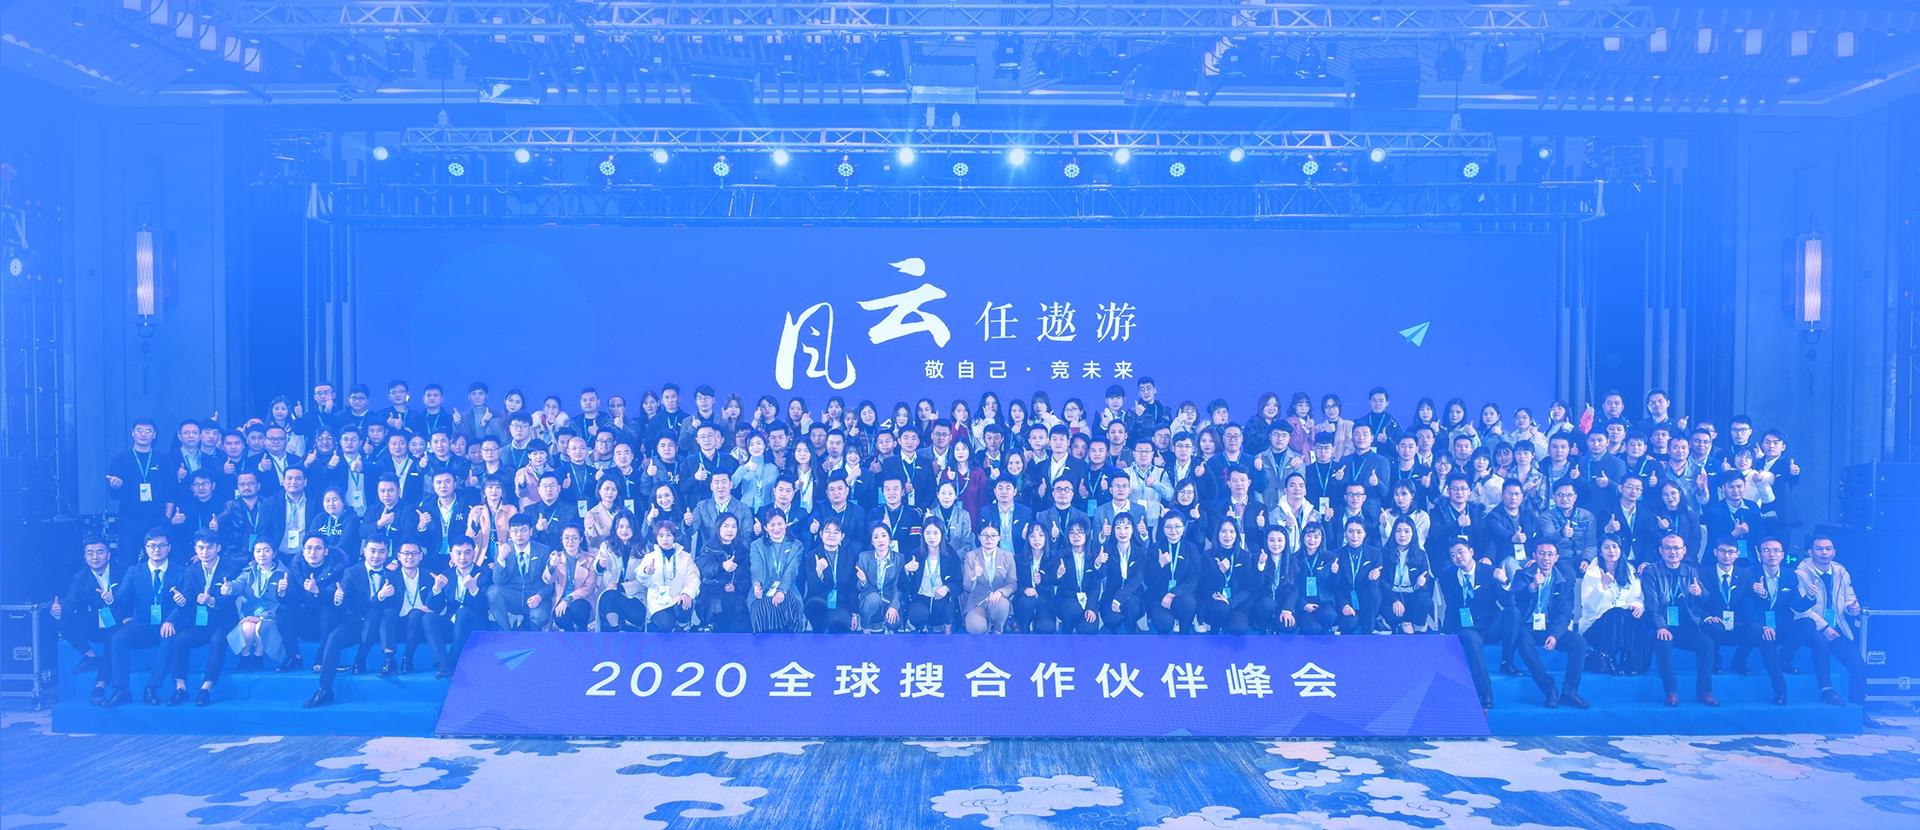 2020 fenghui